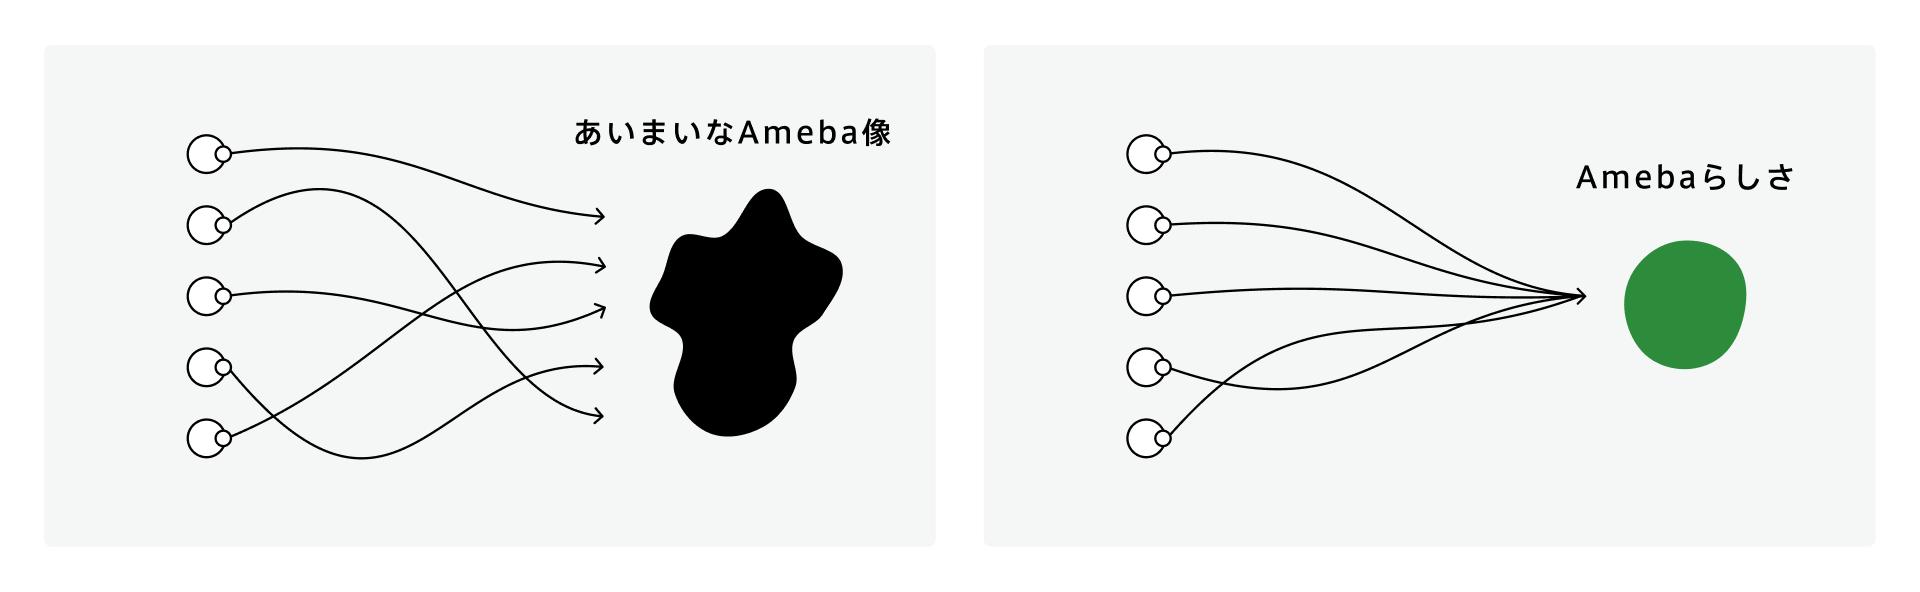 従業員がAmebaのイメージをあいまいに捉えている場合と、Amebaらしさを定めてみんながそれに向かうイメージ図